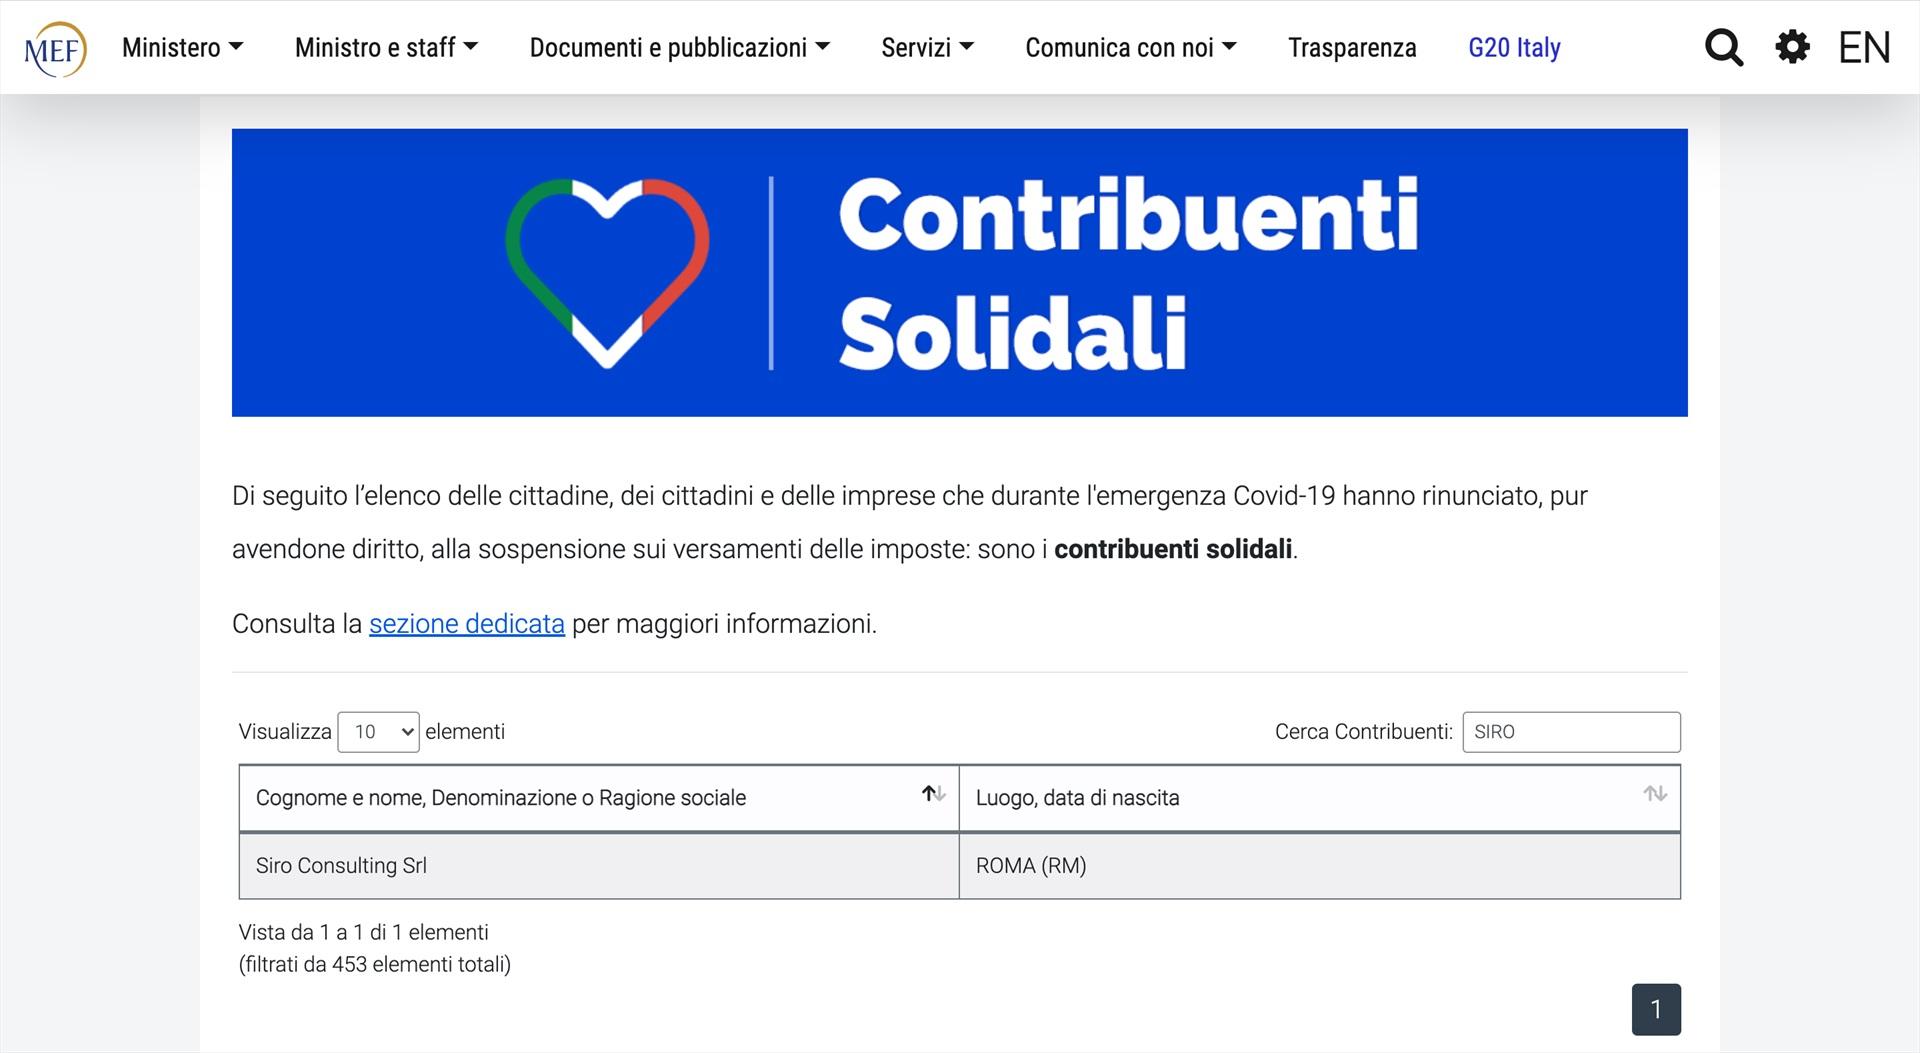 SIRO Consulting Contribuente Solidale per il Ministero dell'Economia e delle Finanze